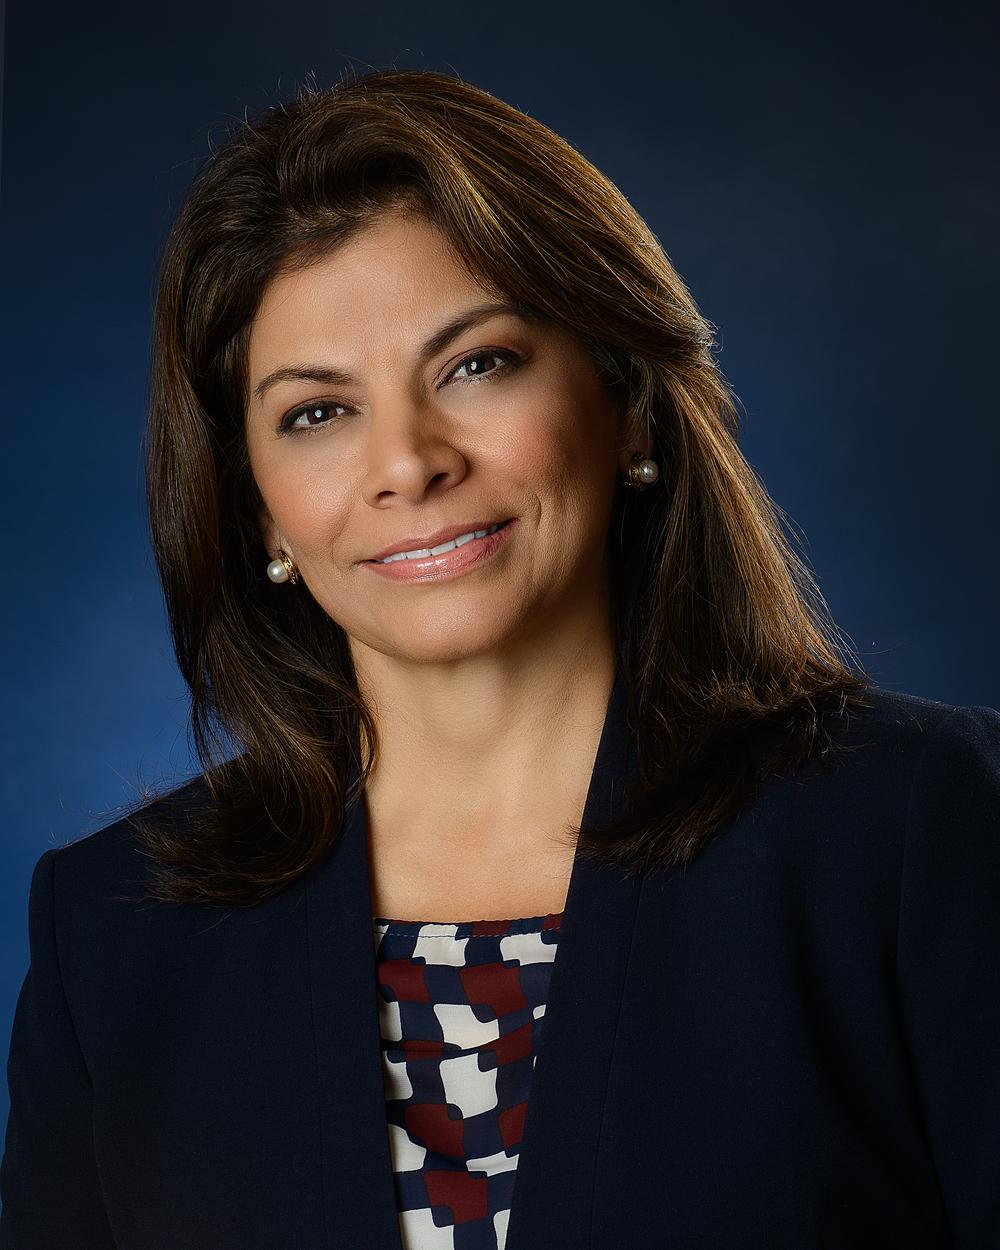 Laura Chinchilla-President of Costa Rica 2010-14